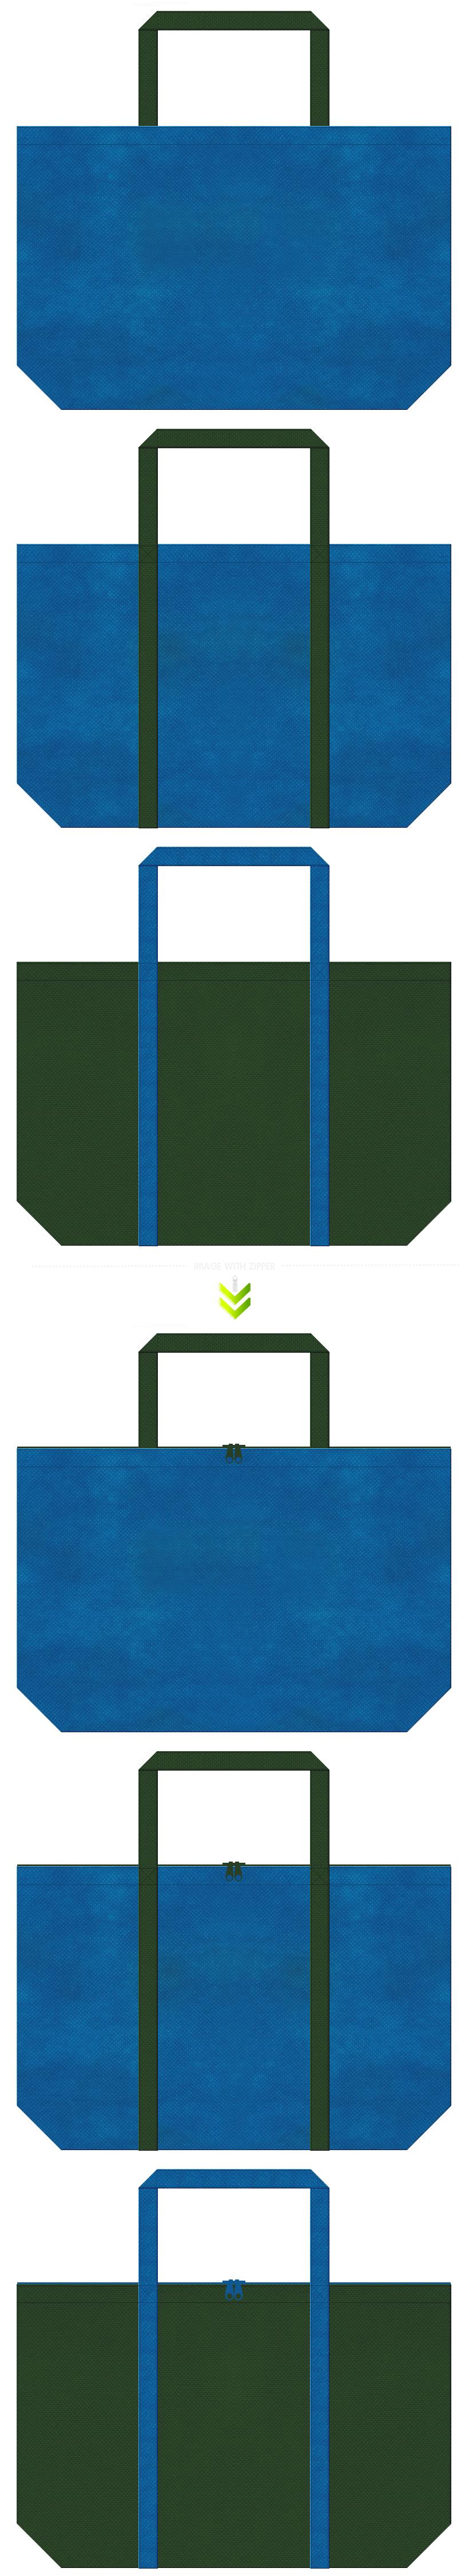 青色と濃緑色の不織布ショッピングバッグのデザイン